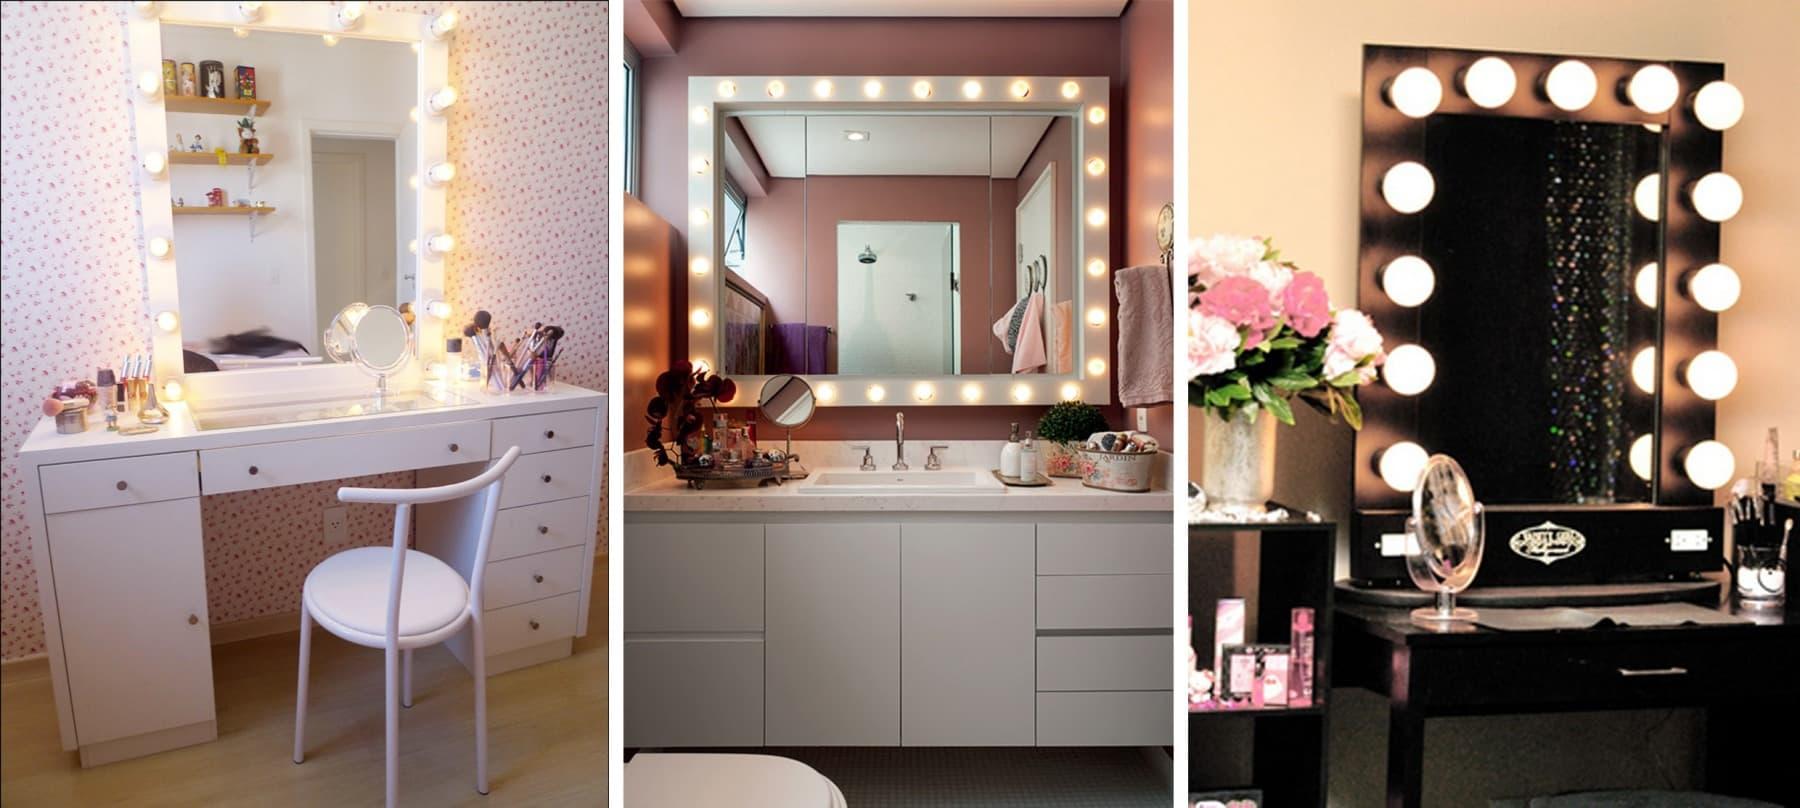 Show Glass Vidros Espelhos e Molduras » Espelho para Camarim #986533 2480x1113